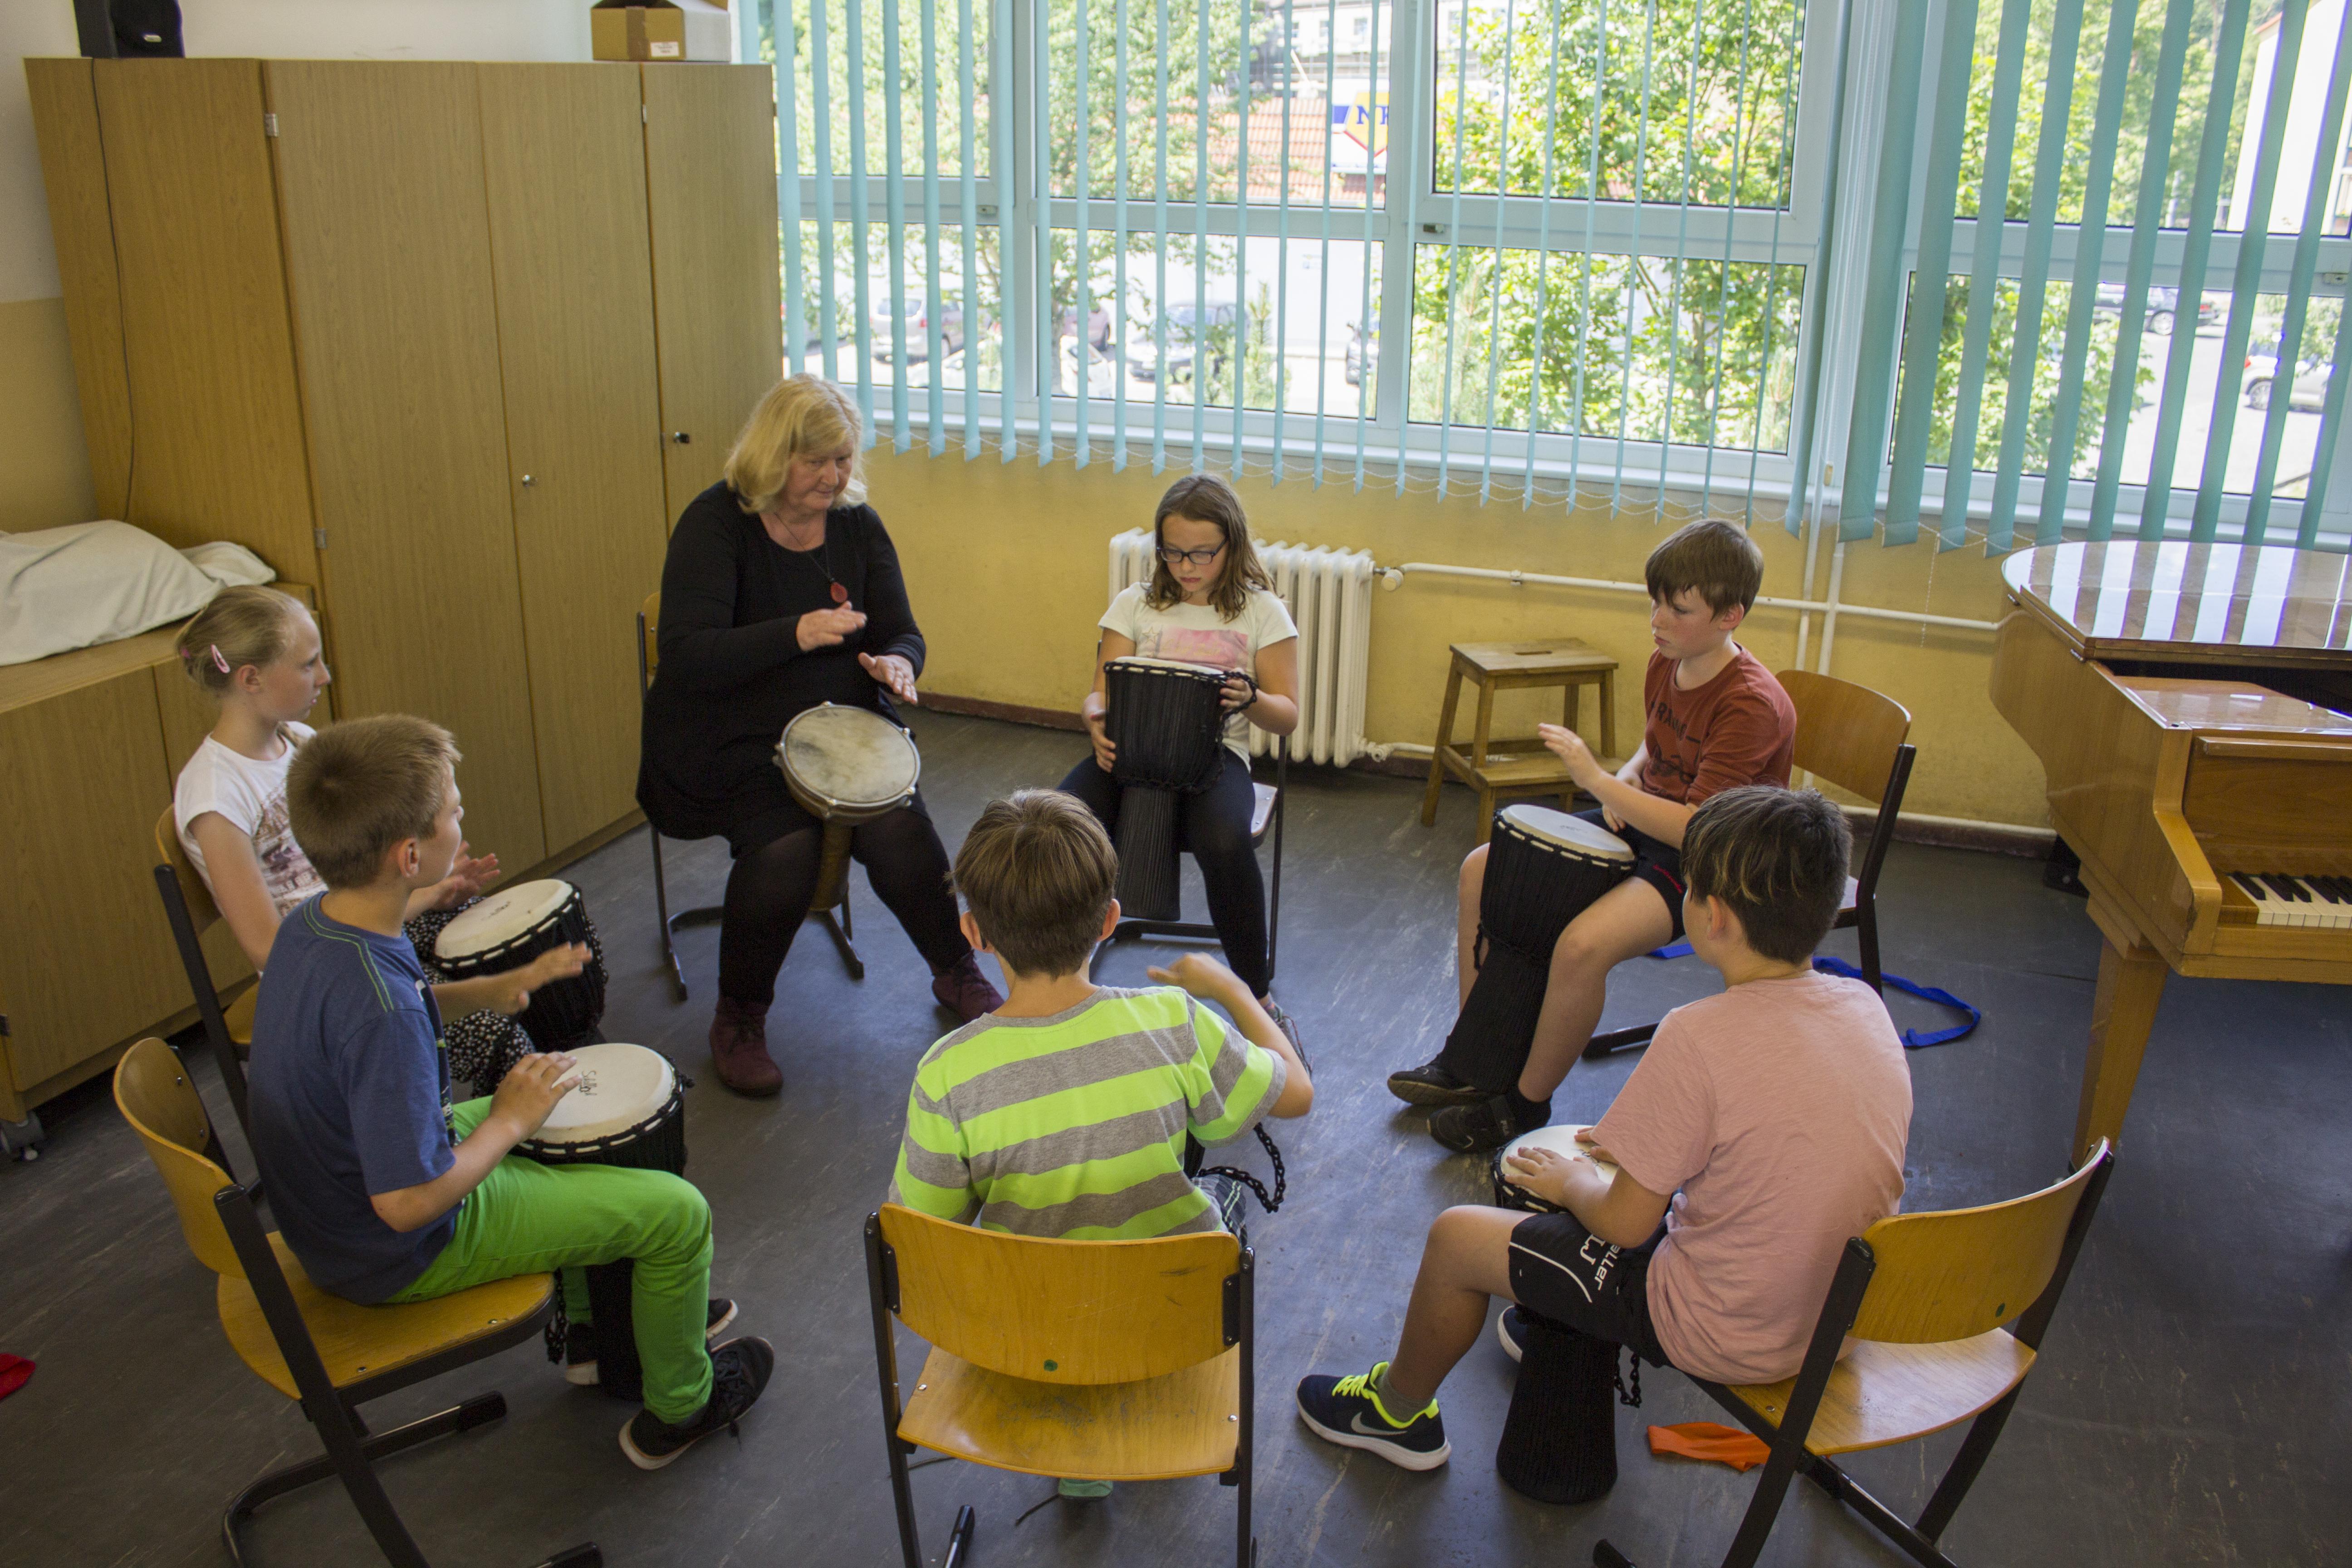 Musikkurs in der Grundschule